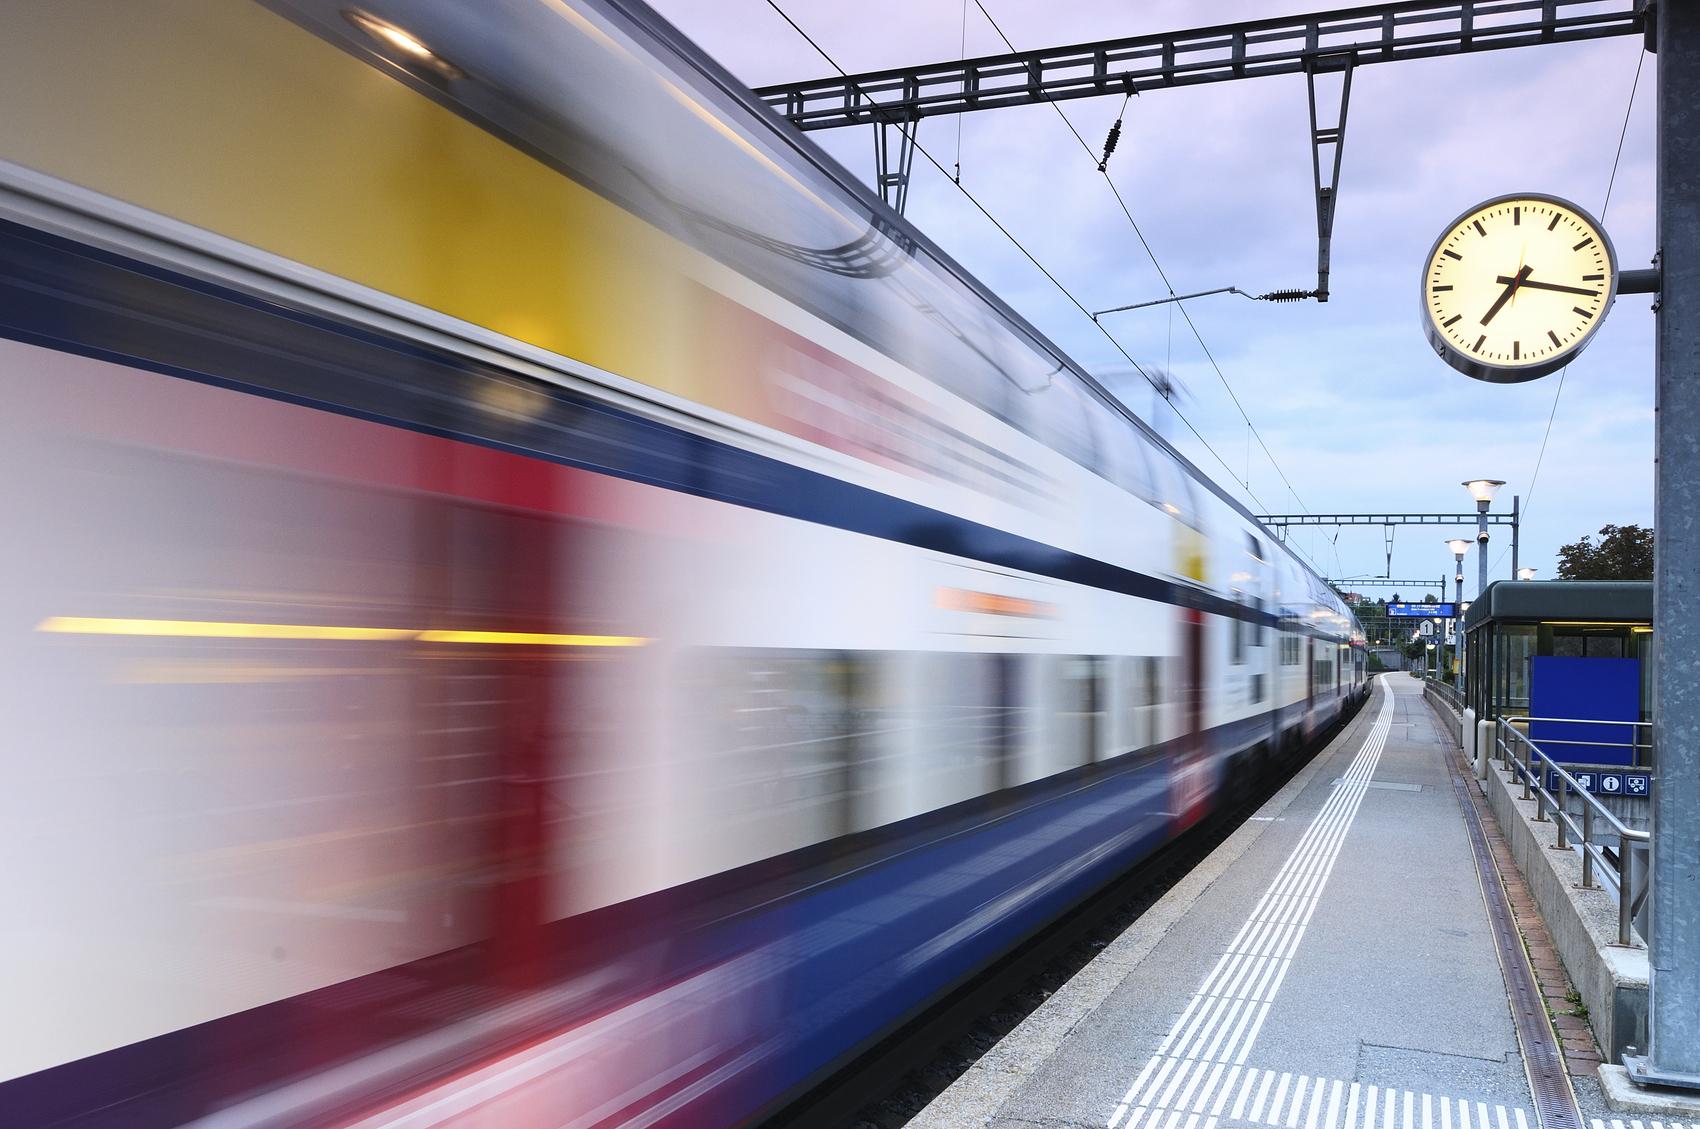 métro, train, mobiité, transports